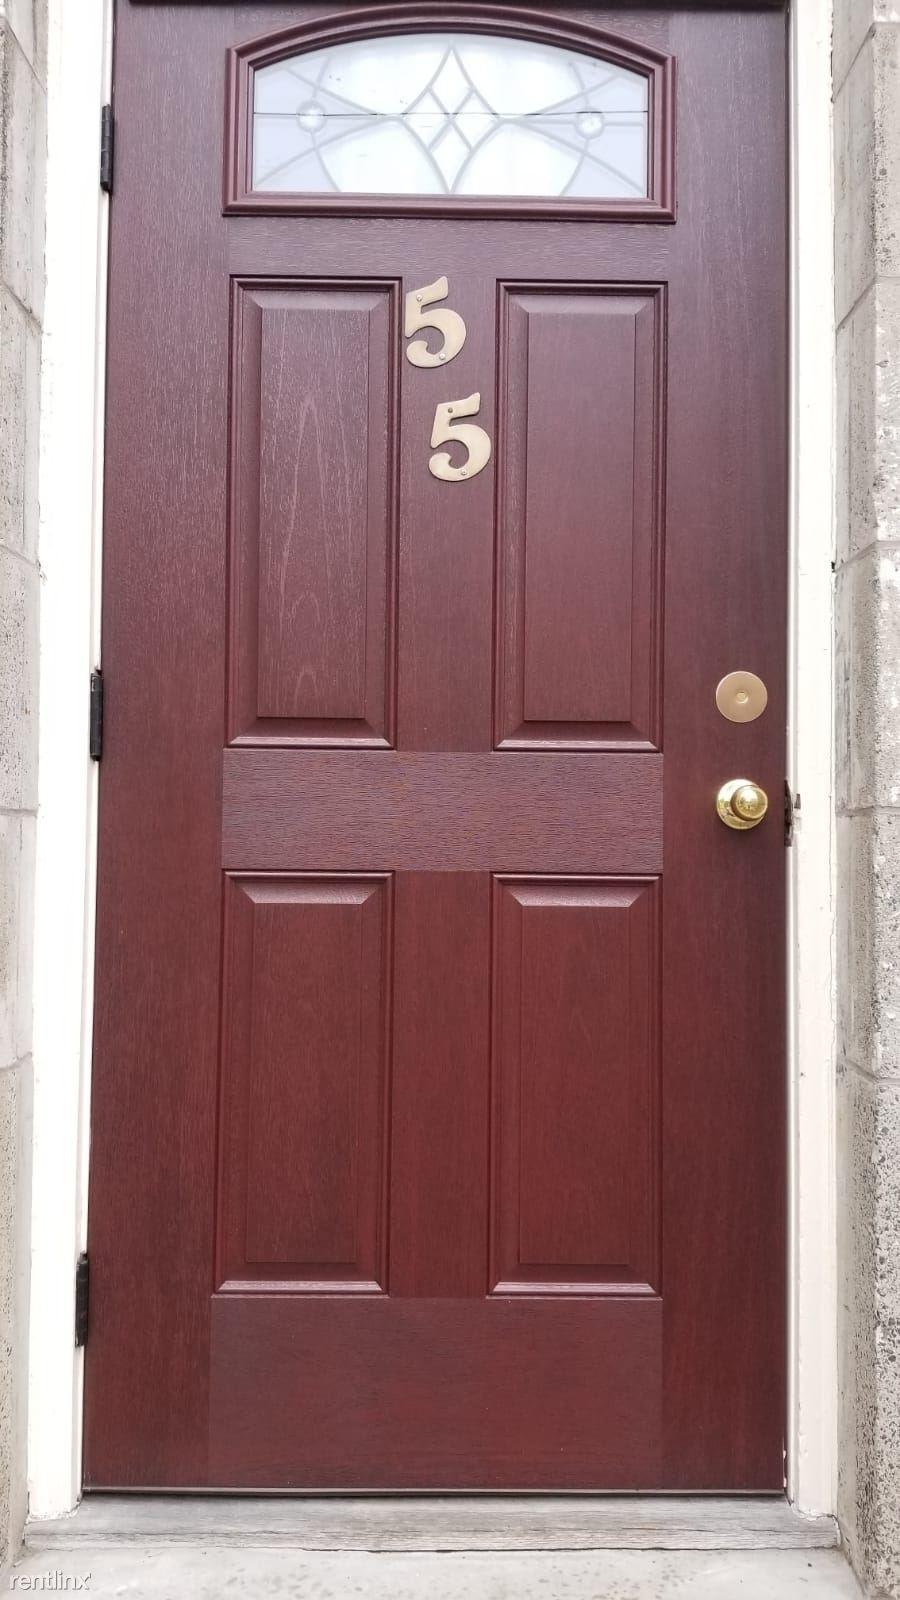 55 Warren St